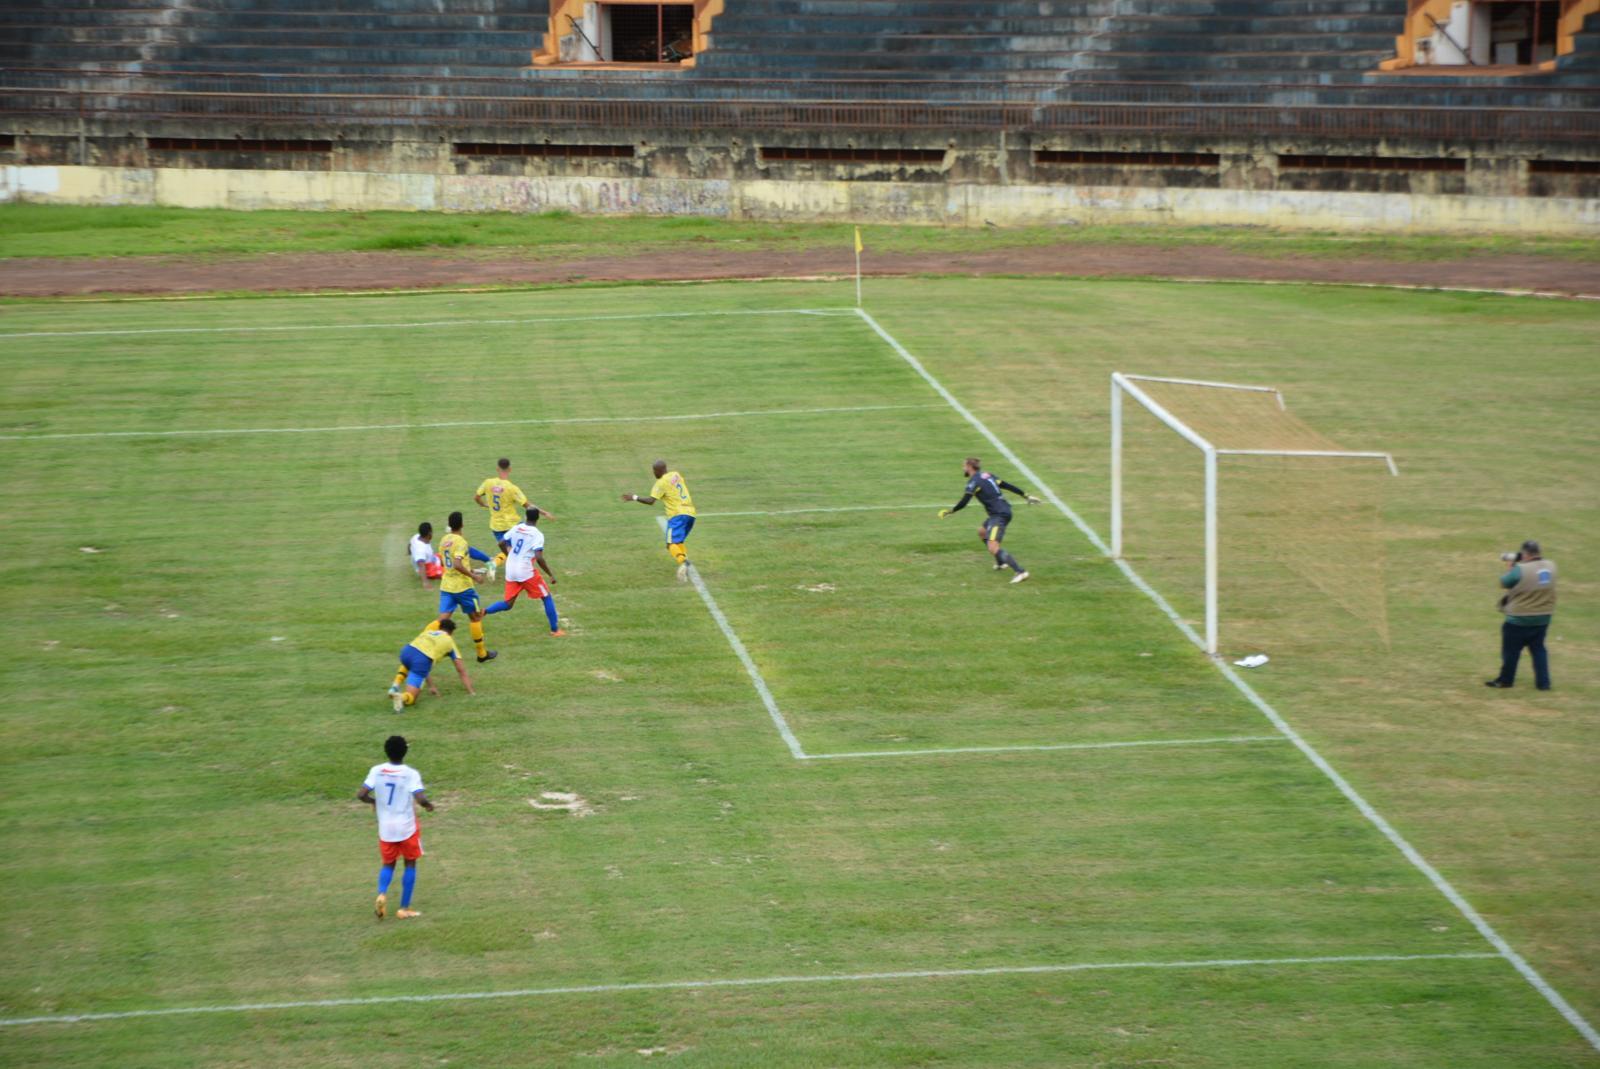 Após quase dois anos fechado, reabertura do campo tem vitória Dourados A.C por 2x0